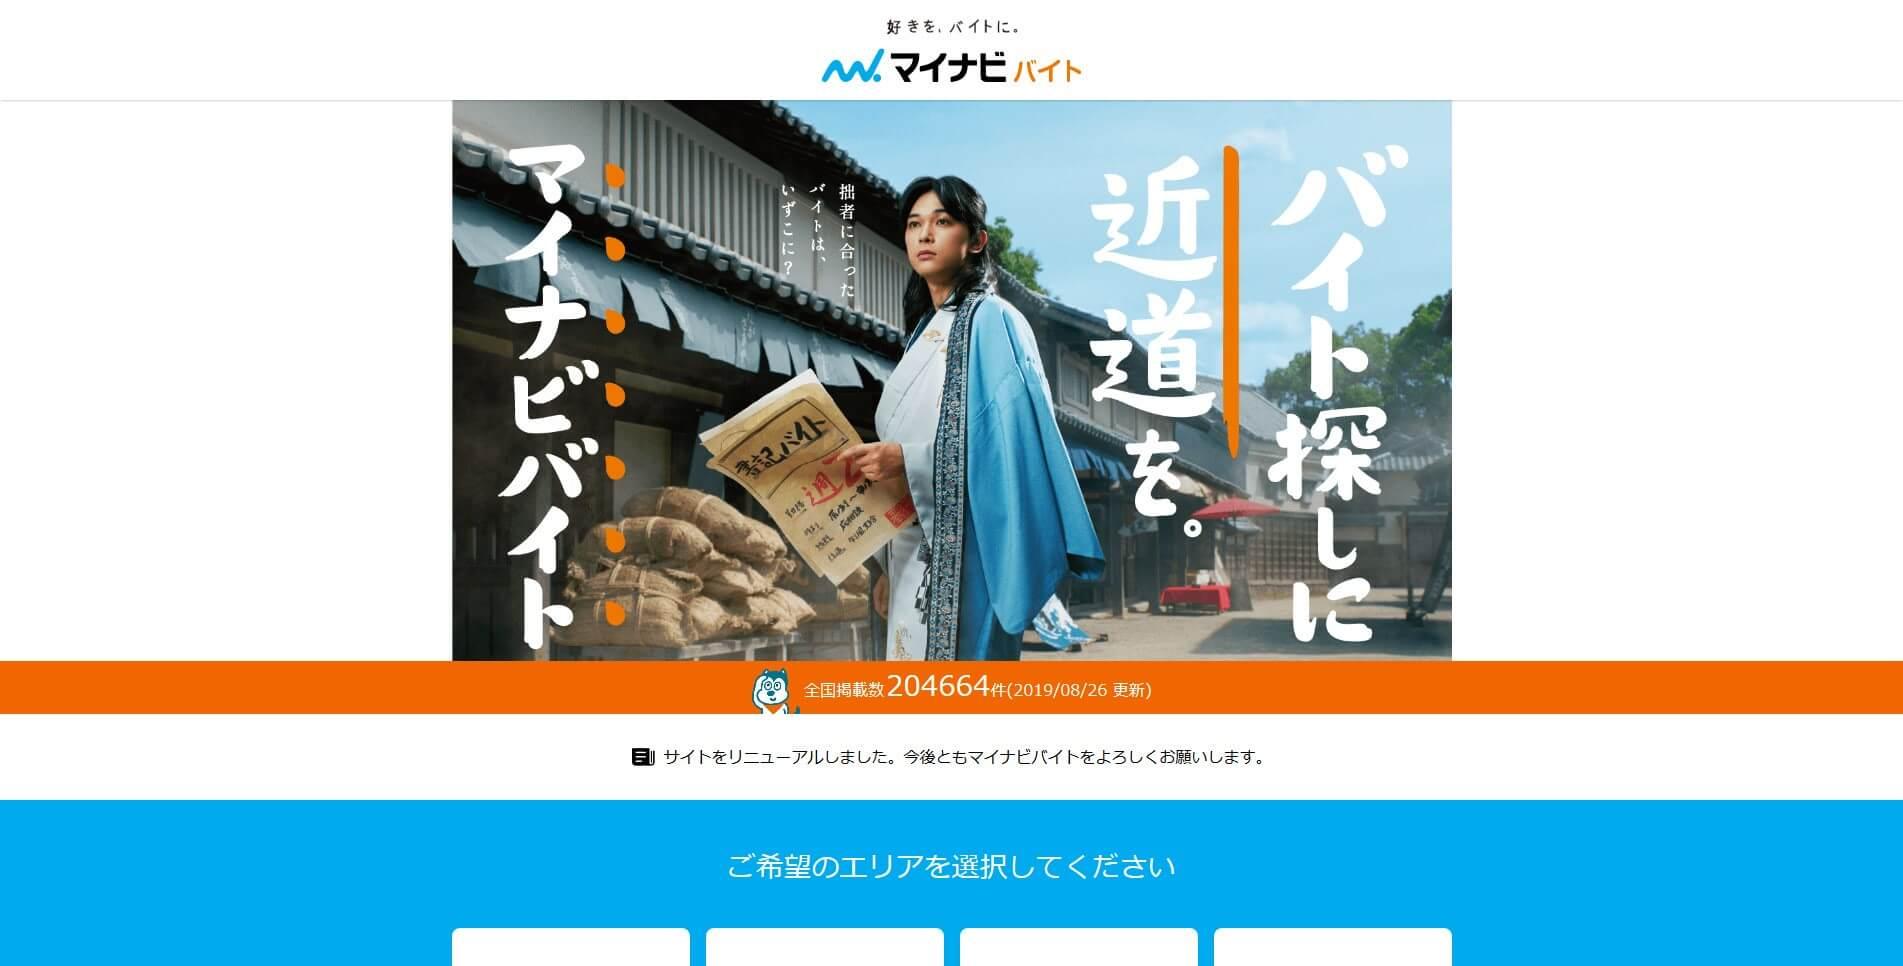 【最新】勝手にホームページリニューアル分析〜マイナビバイト編〜